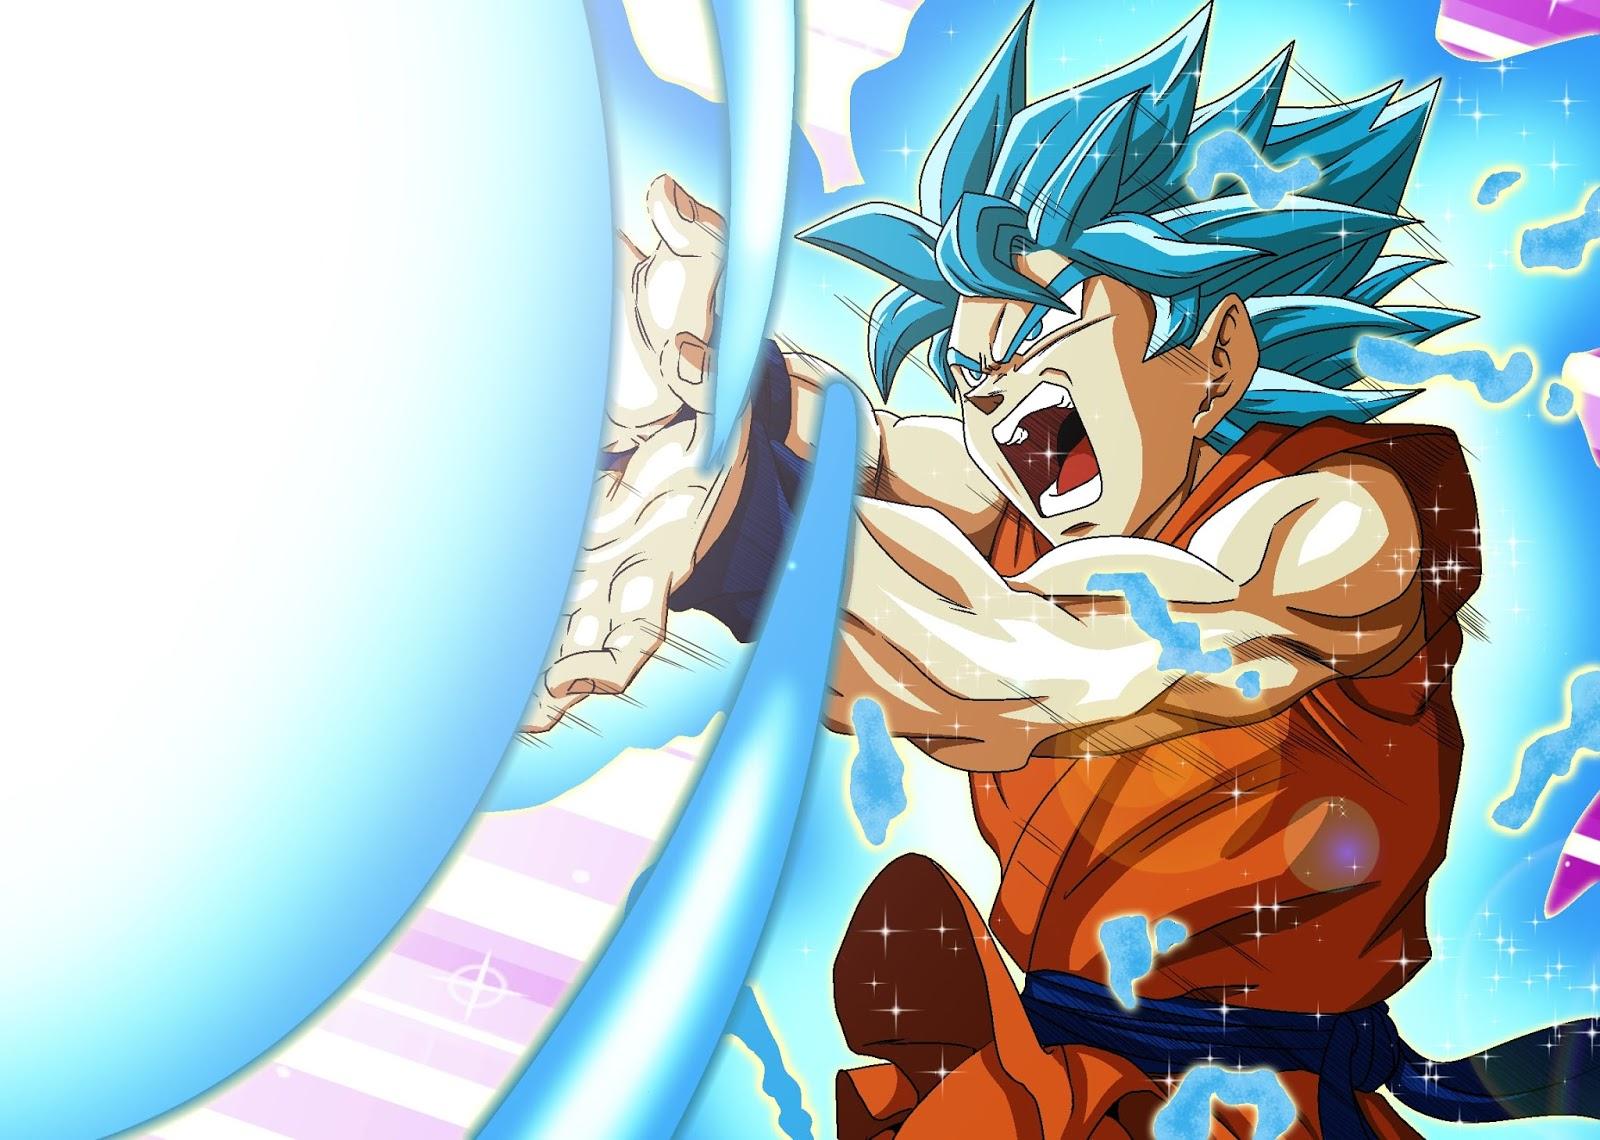 Hình ảnh nền Dragon Ball Super đẹp nhất Full HD